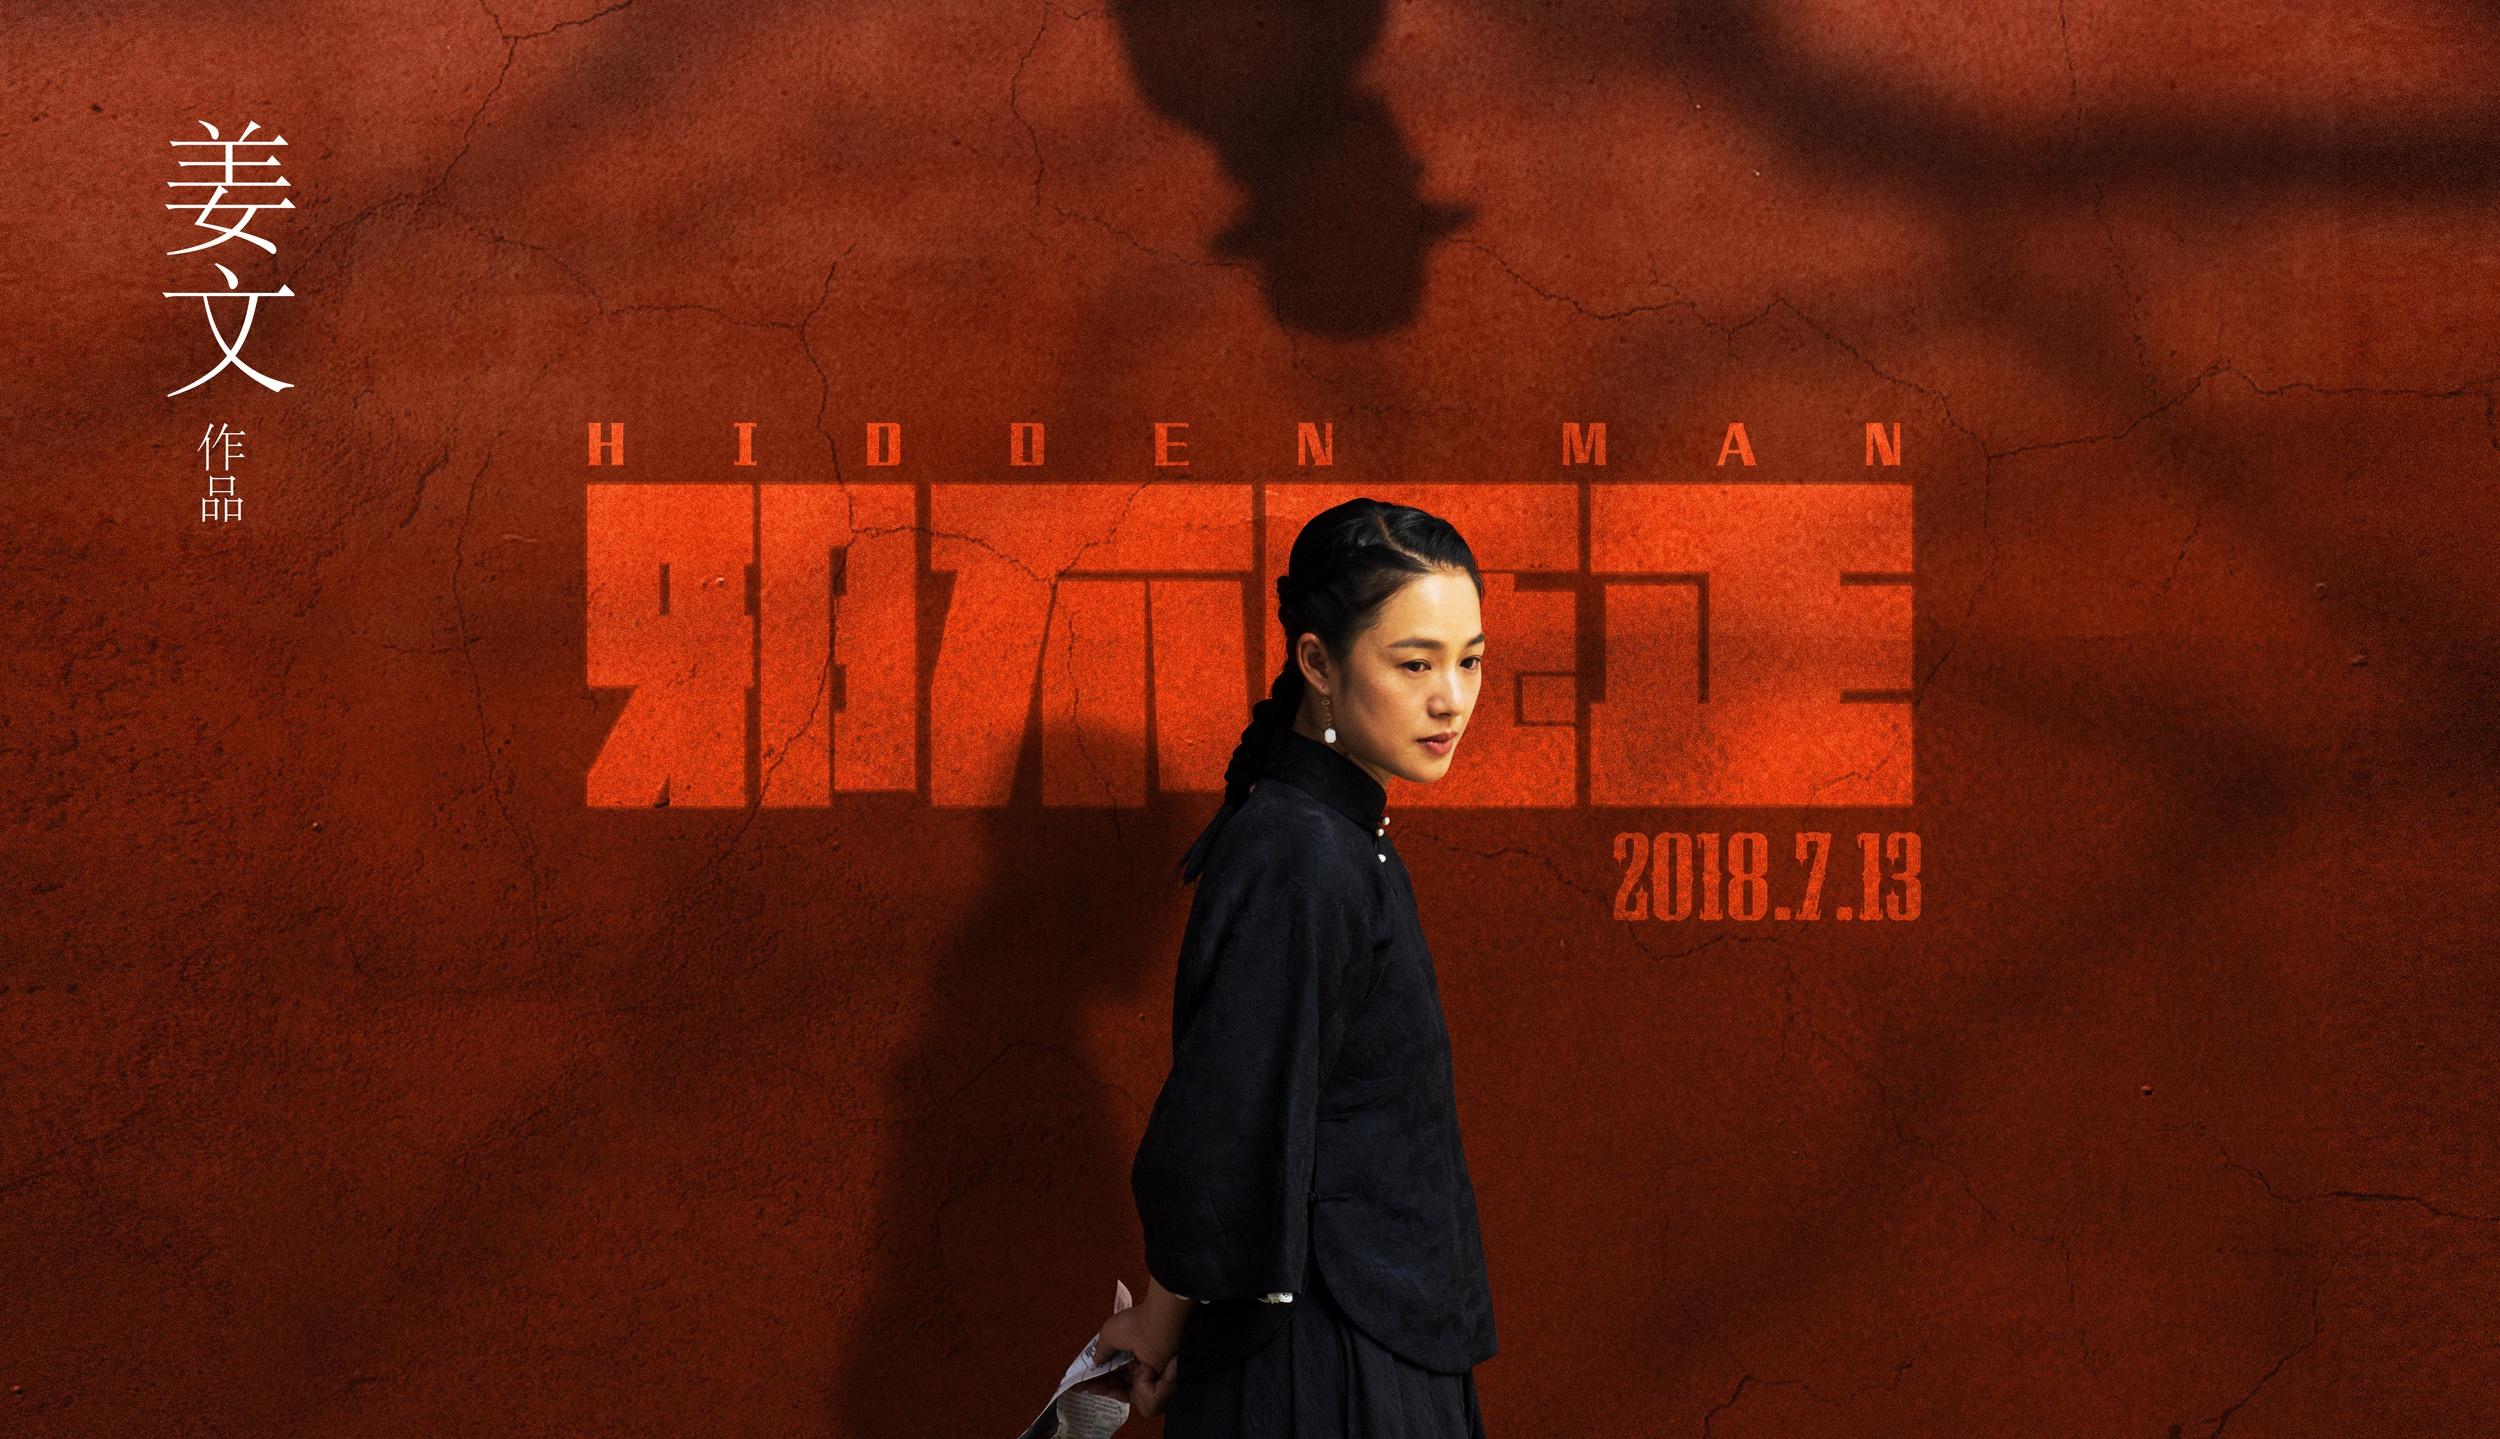 《邪不压正》代表中国冲奥最佳外语片,参与角逐的各国压力都挺大